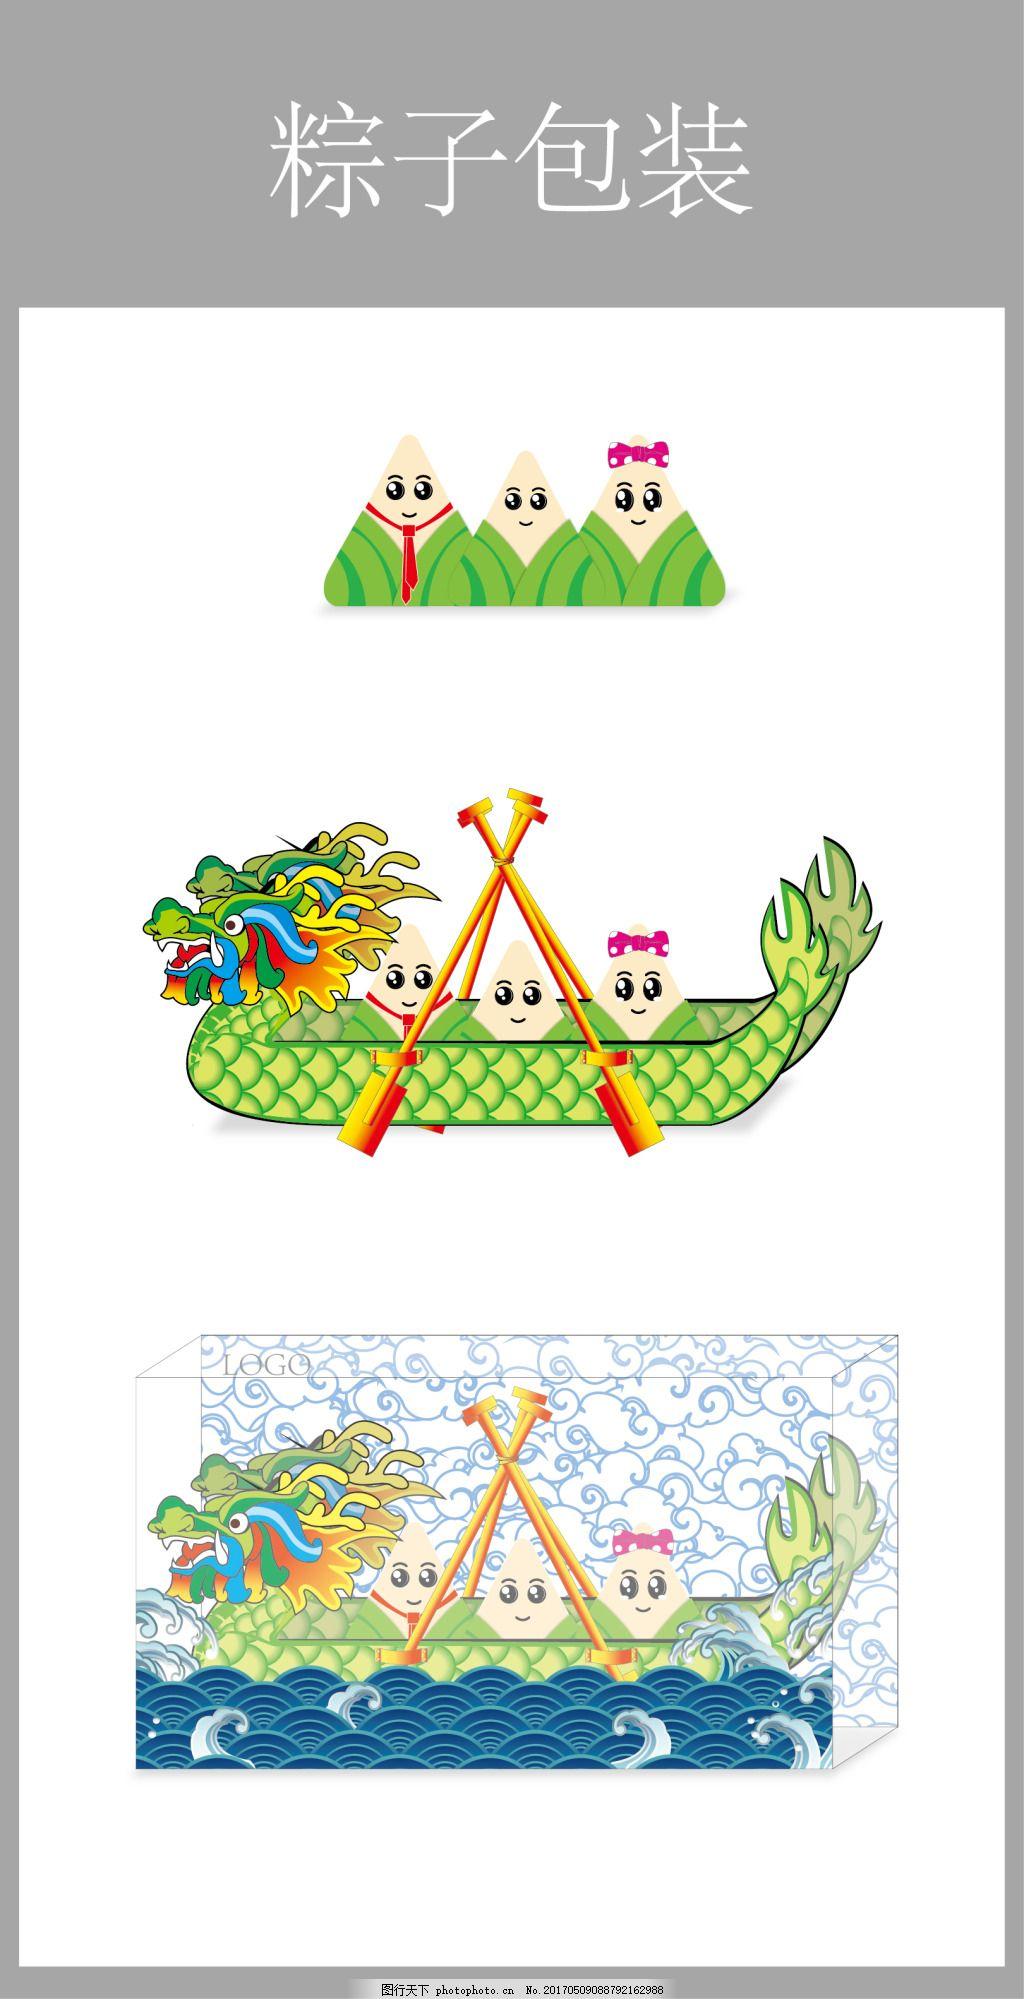 创意粽子包装设计免费下载 龙舟 粽子包装 端午节赛龙舟 五月五 ai 包